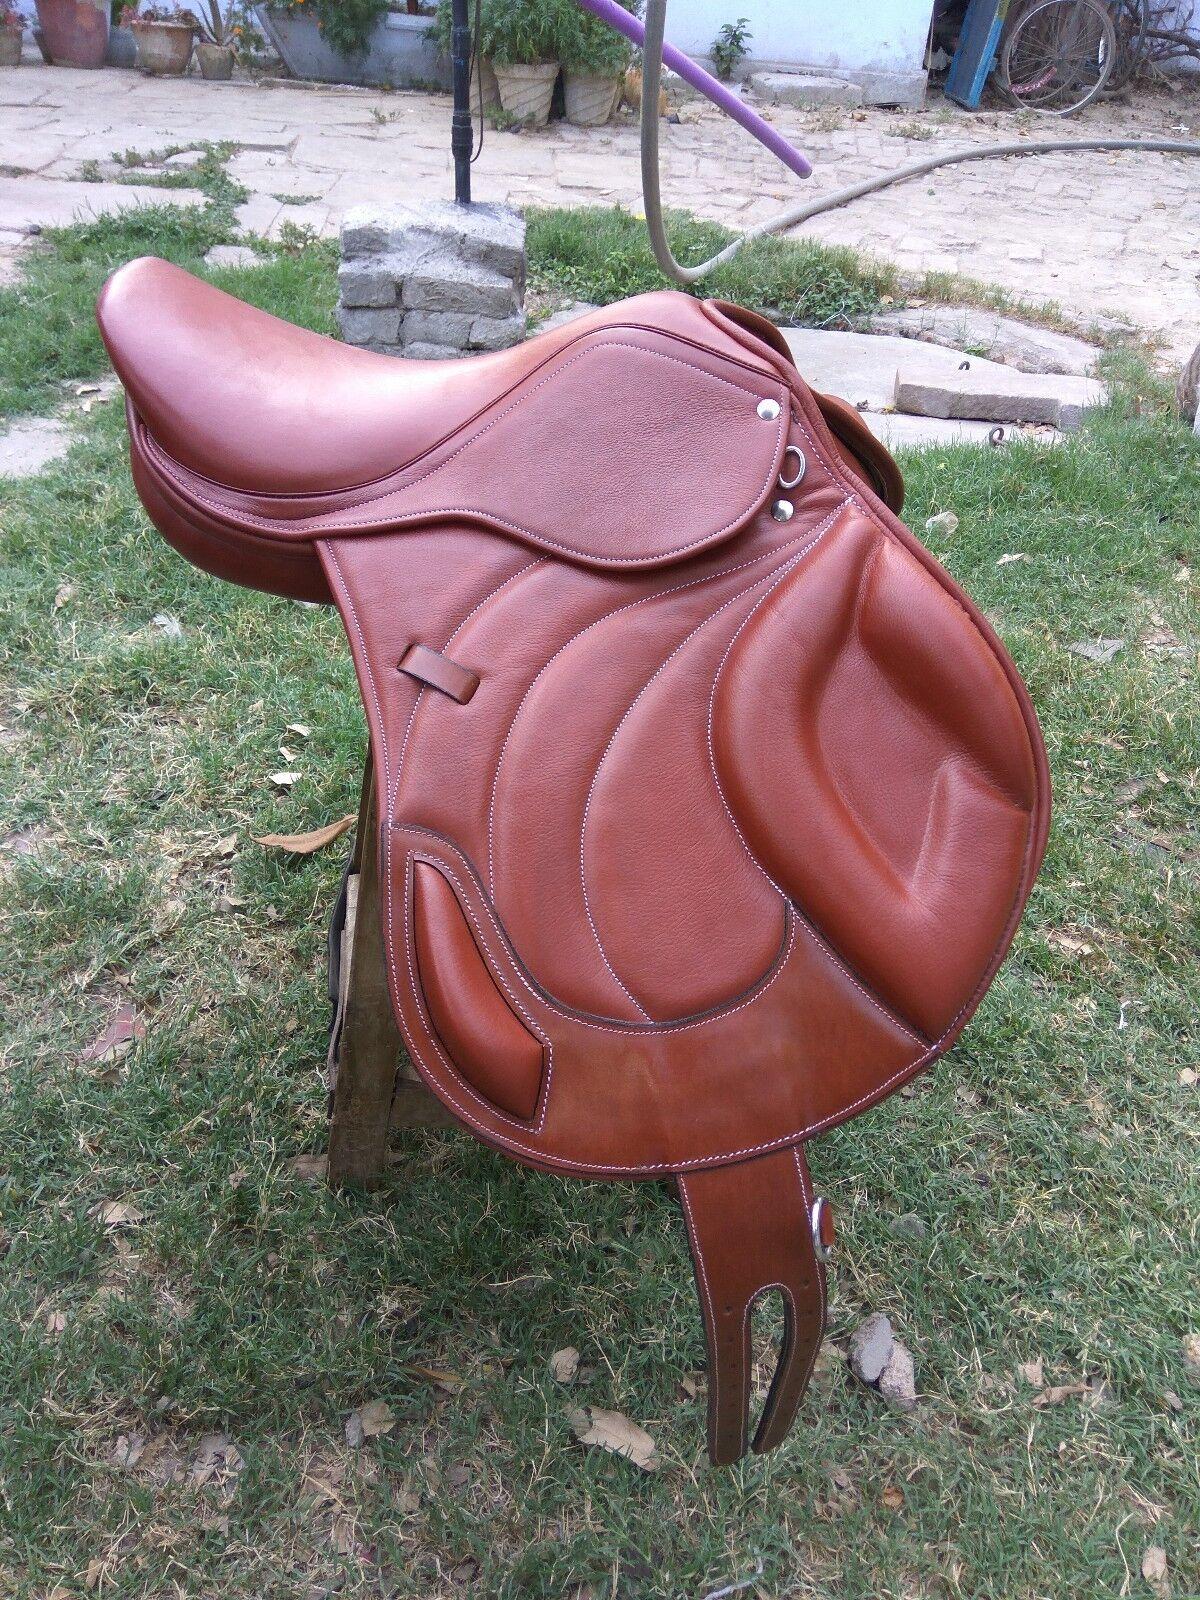 Nuevo salto estrecho contacto 100% cuero genuino sillín marrón Spring sillín